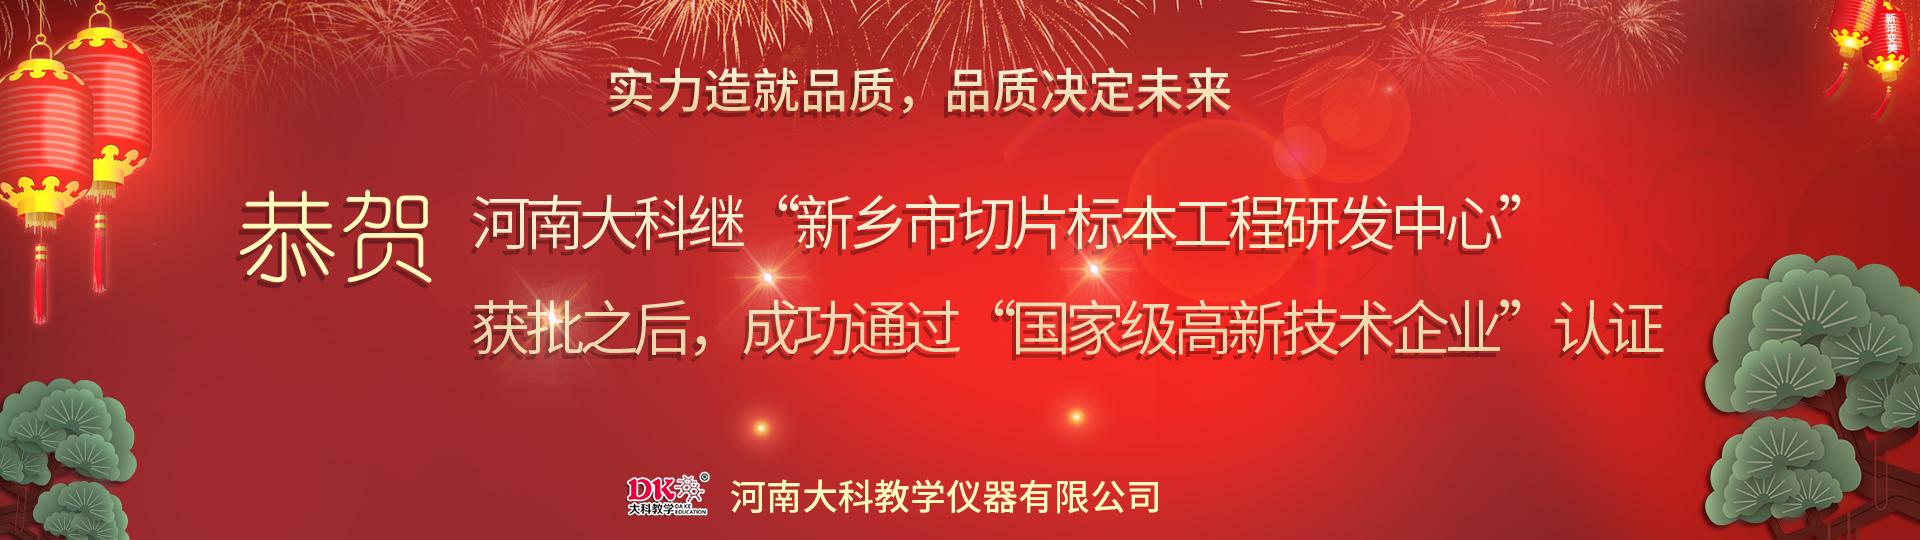 """喜 讯 河南千赢网页手机版国际荣获""""国家高新技术企业""""认证"""